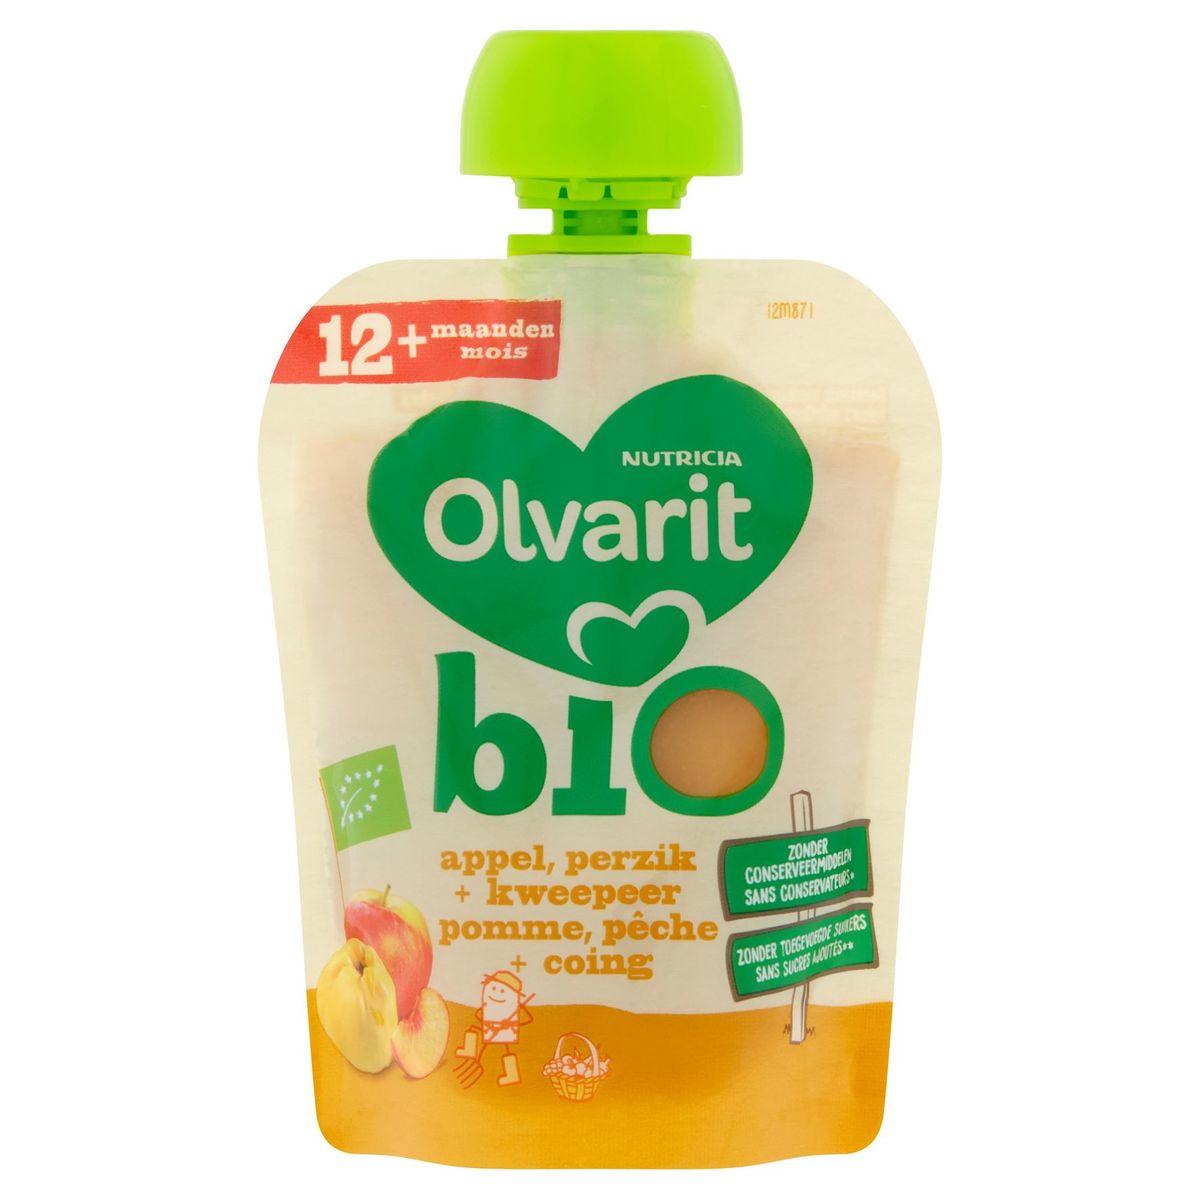 Olvarit Bio fruit knijpzakje baby - Appel perzik kweepeer 12 maanden